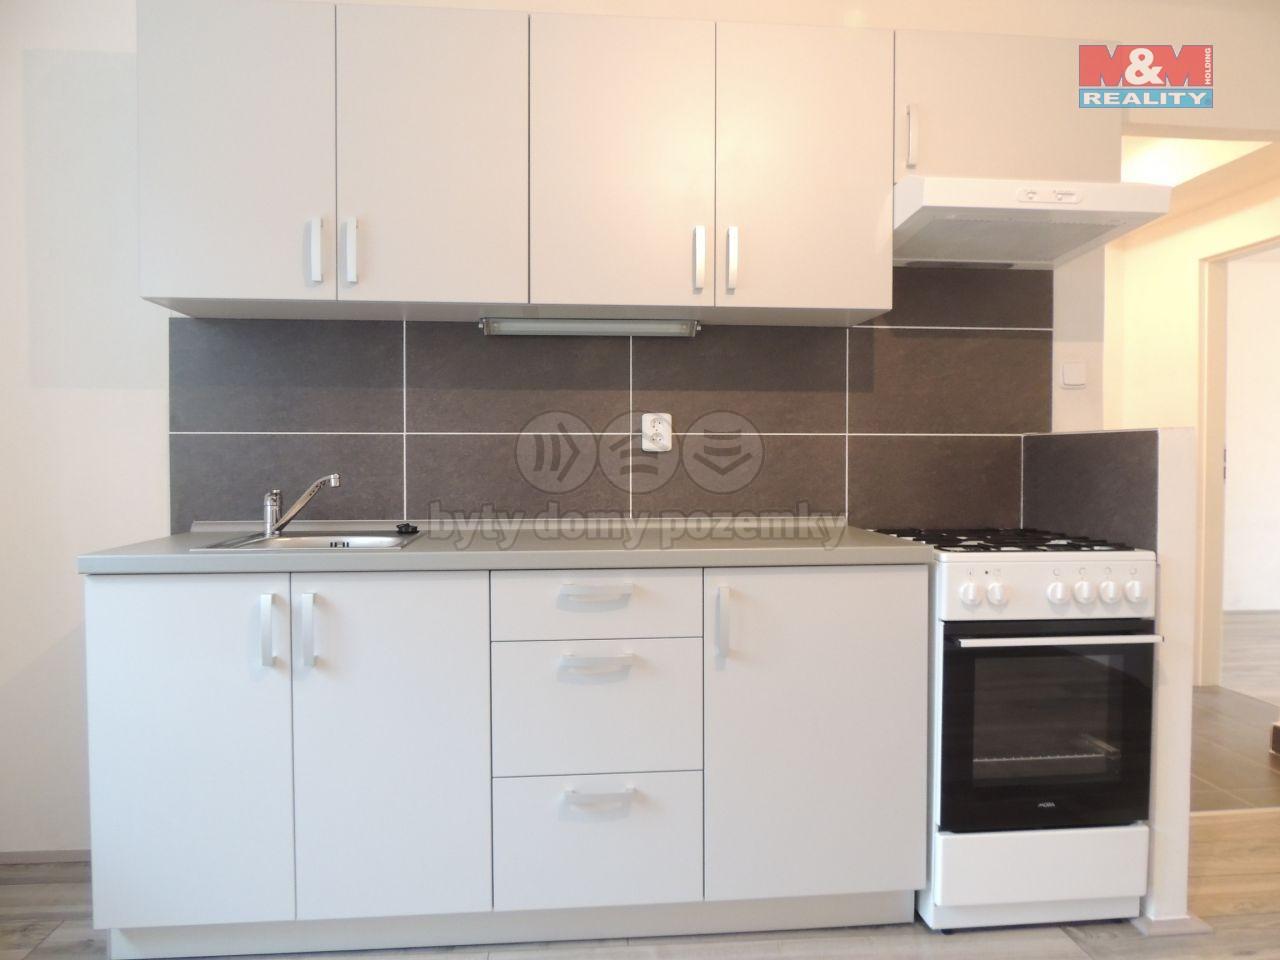 Pronájem, byt 2+1, 49 m², Ostrava, ul. Gurťjevova